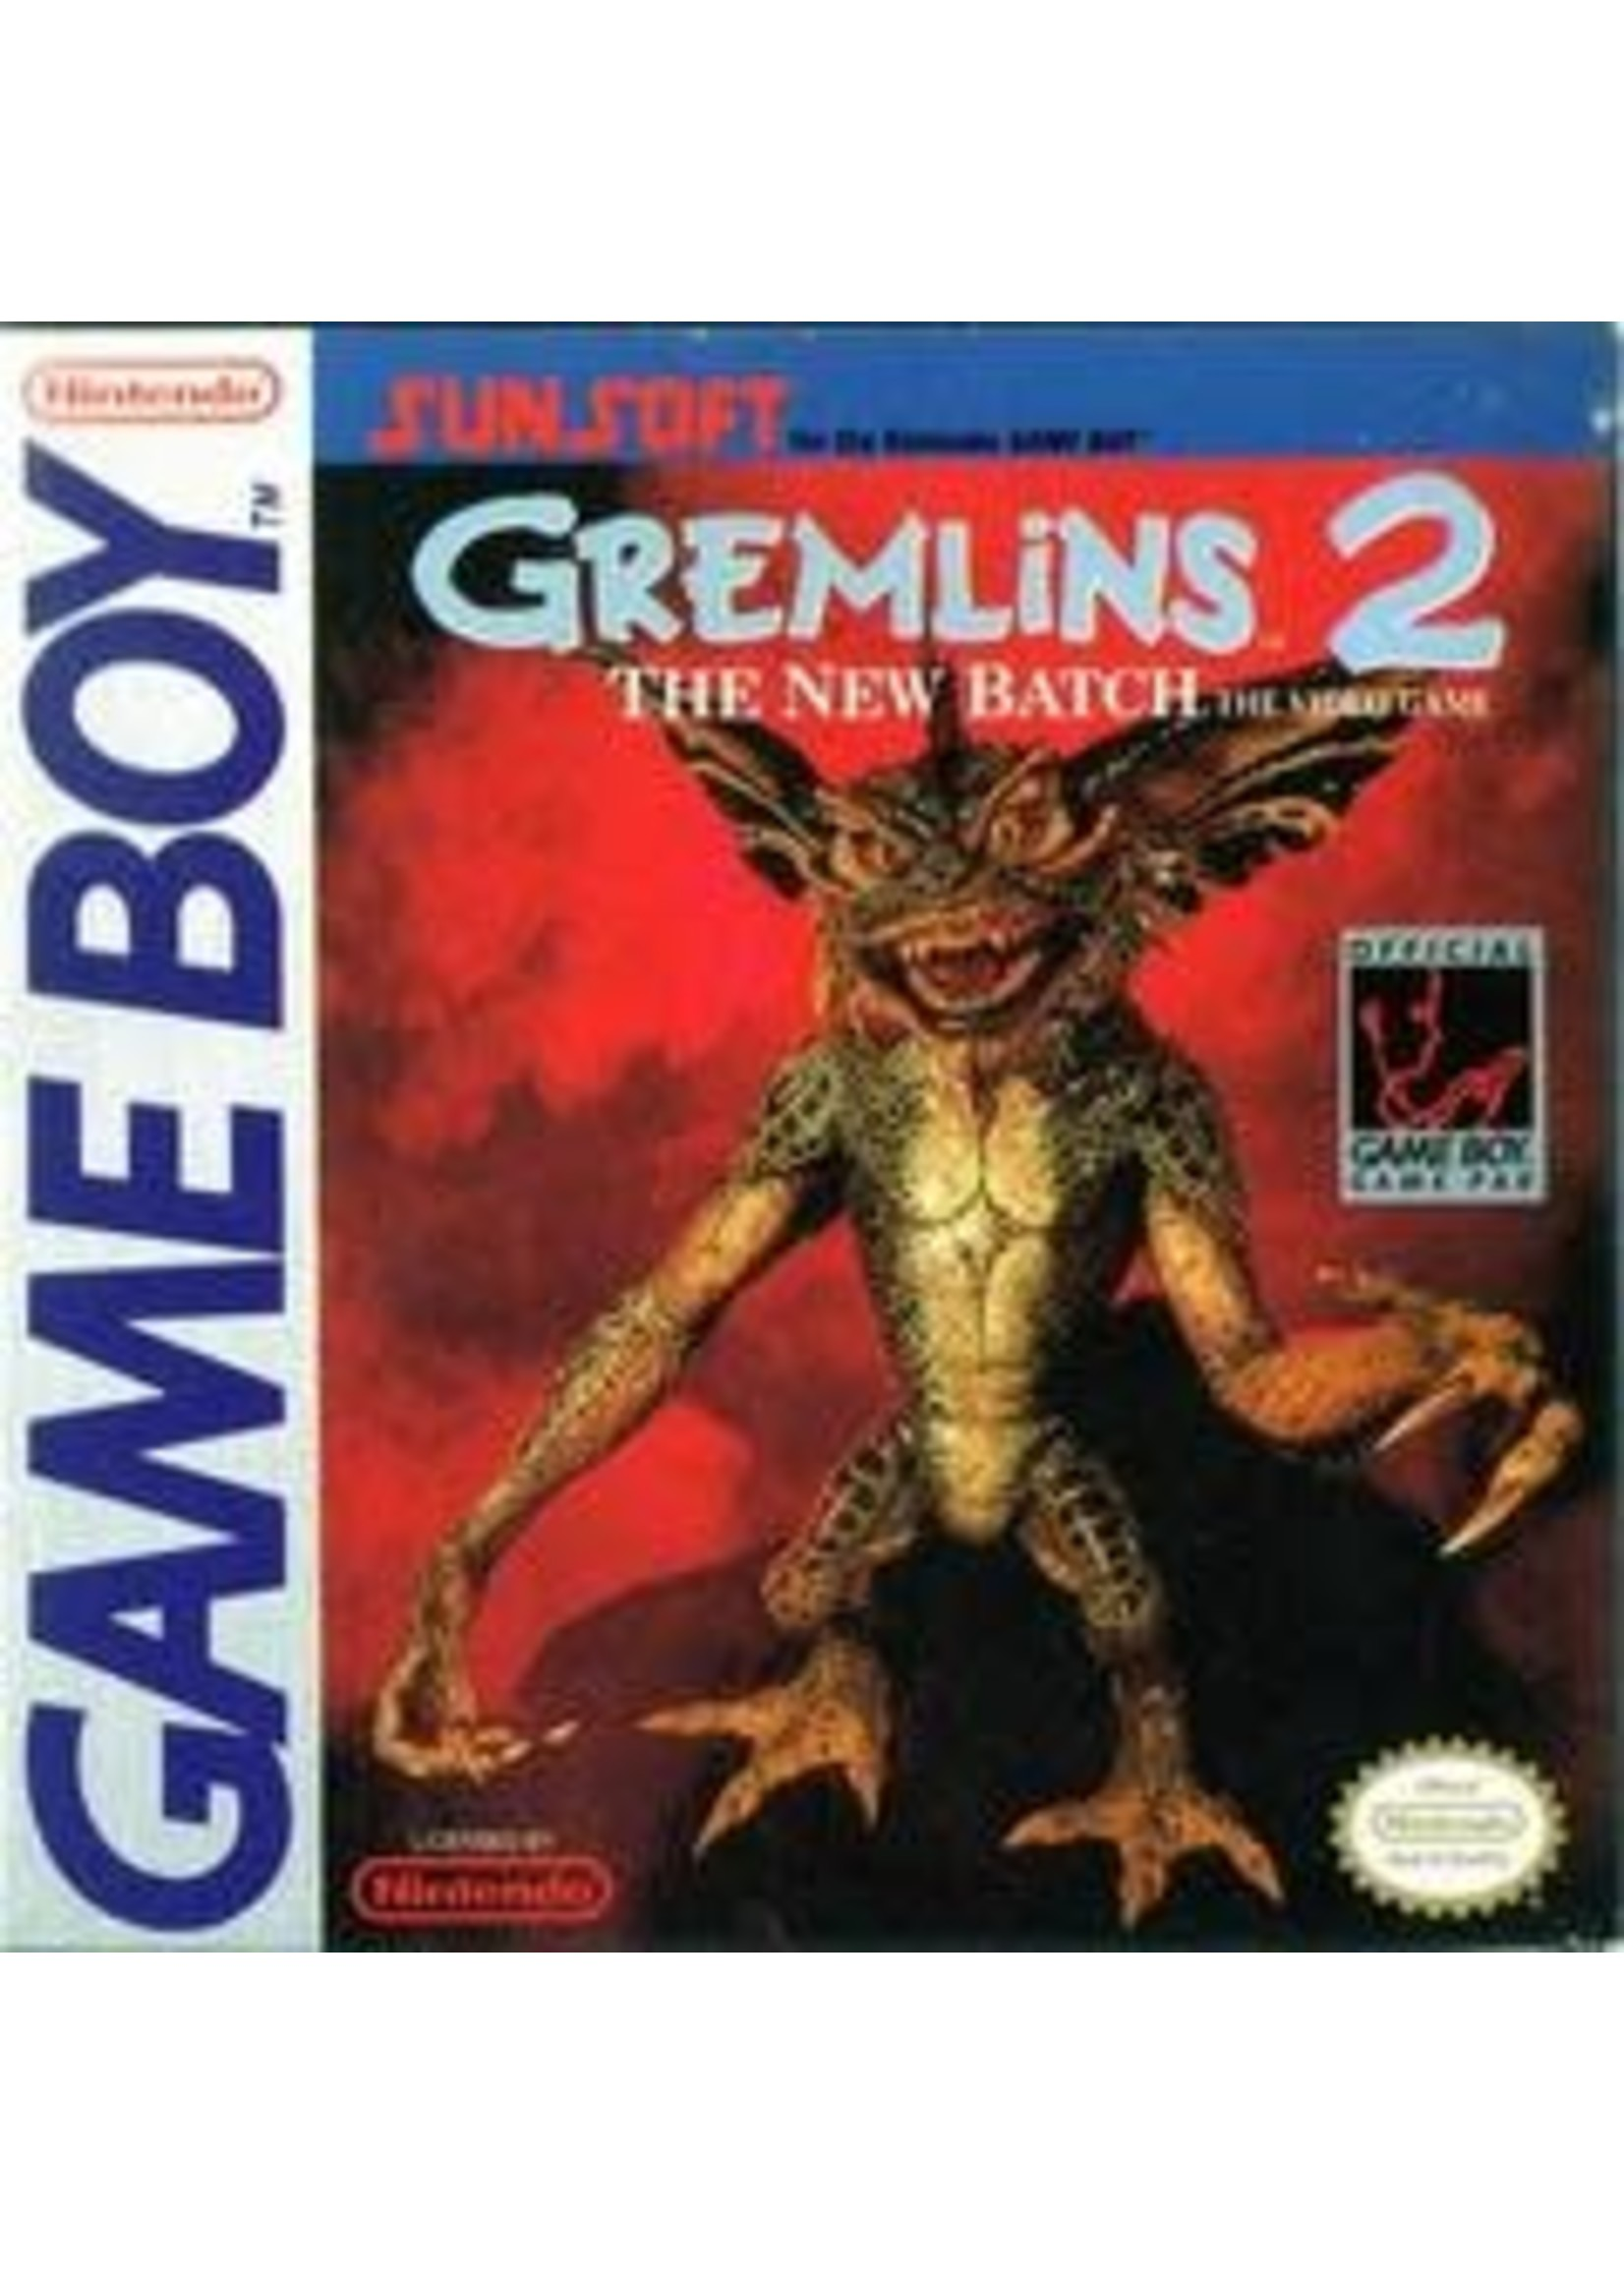 Gremlins 2 GameBoy